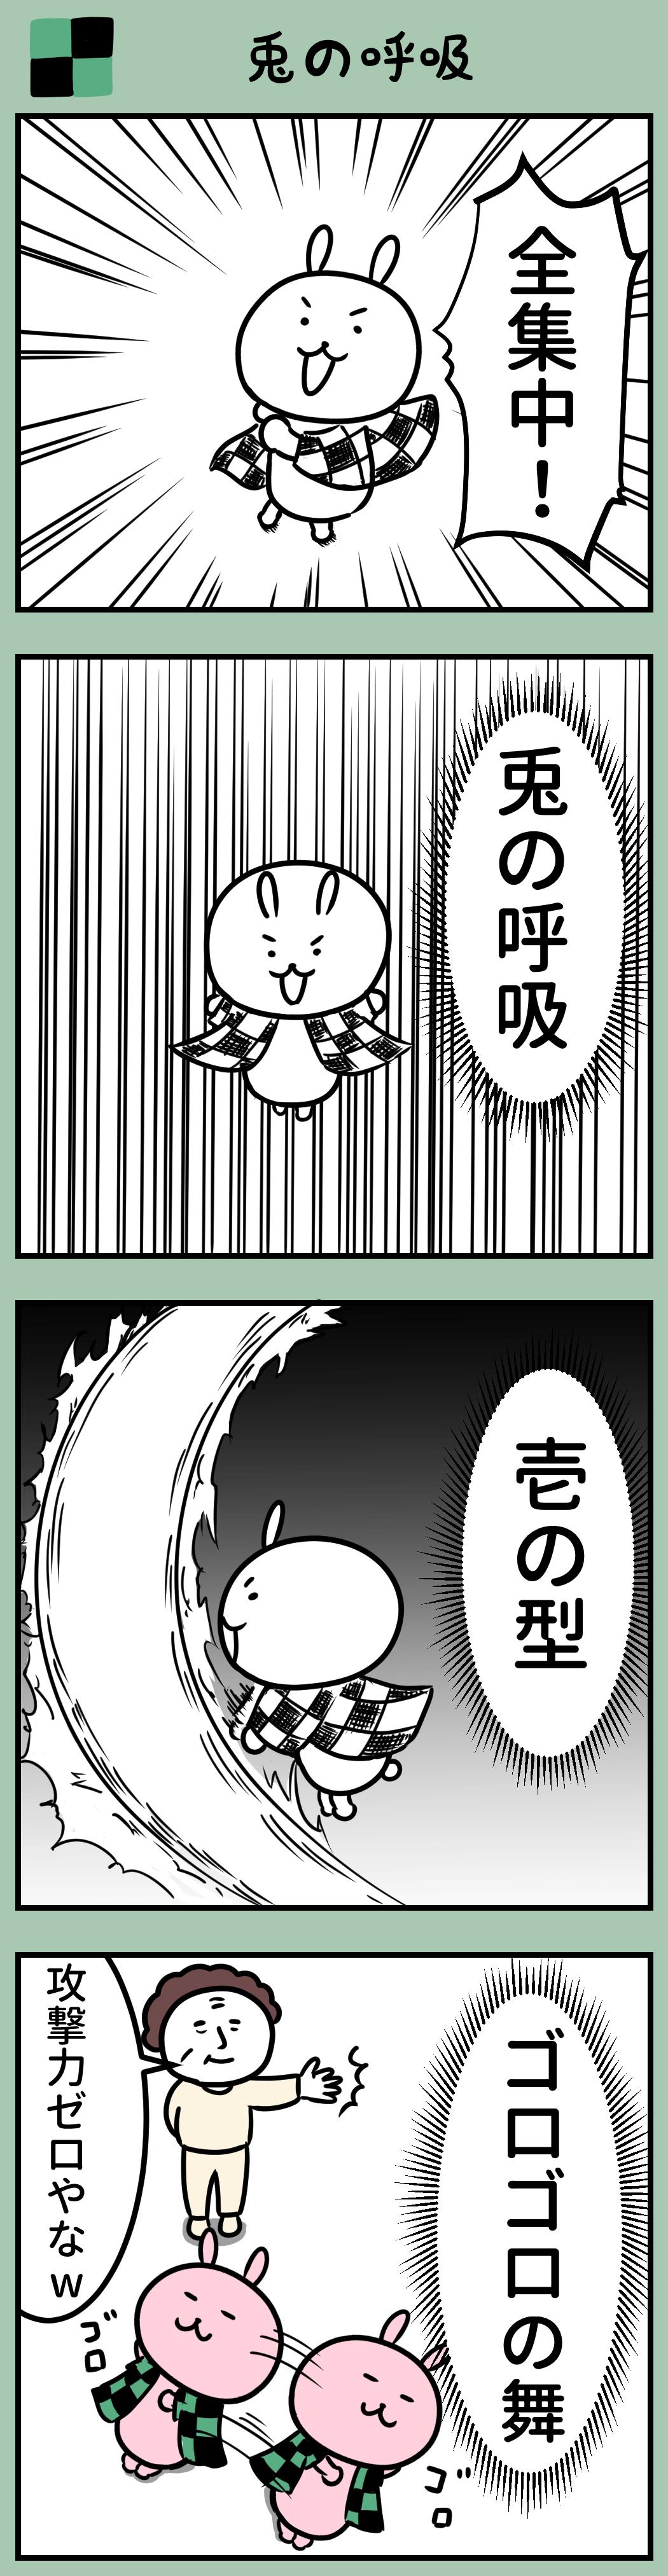 鬼滅の刃 ファンアート イラスト 漫画